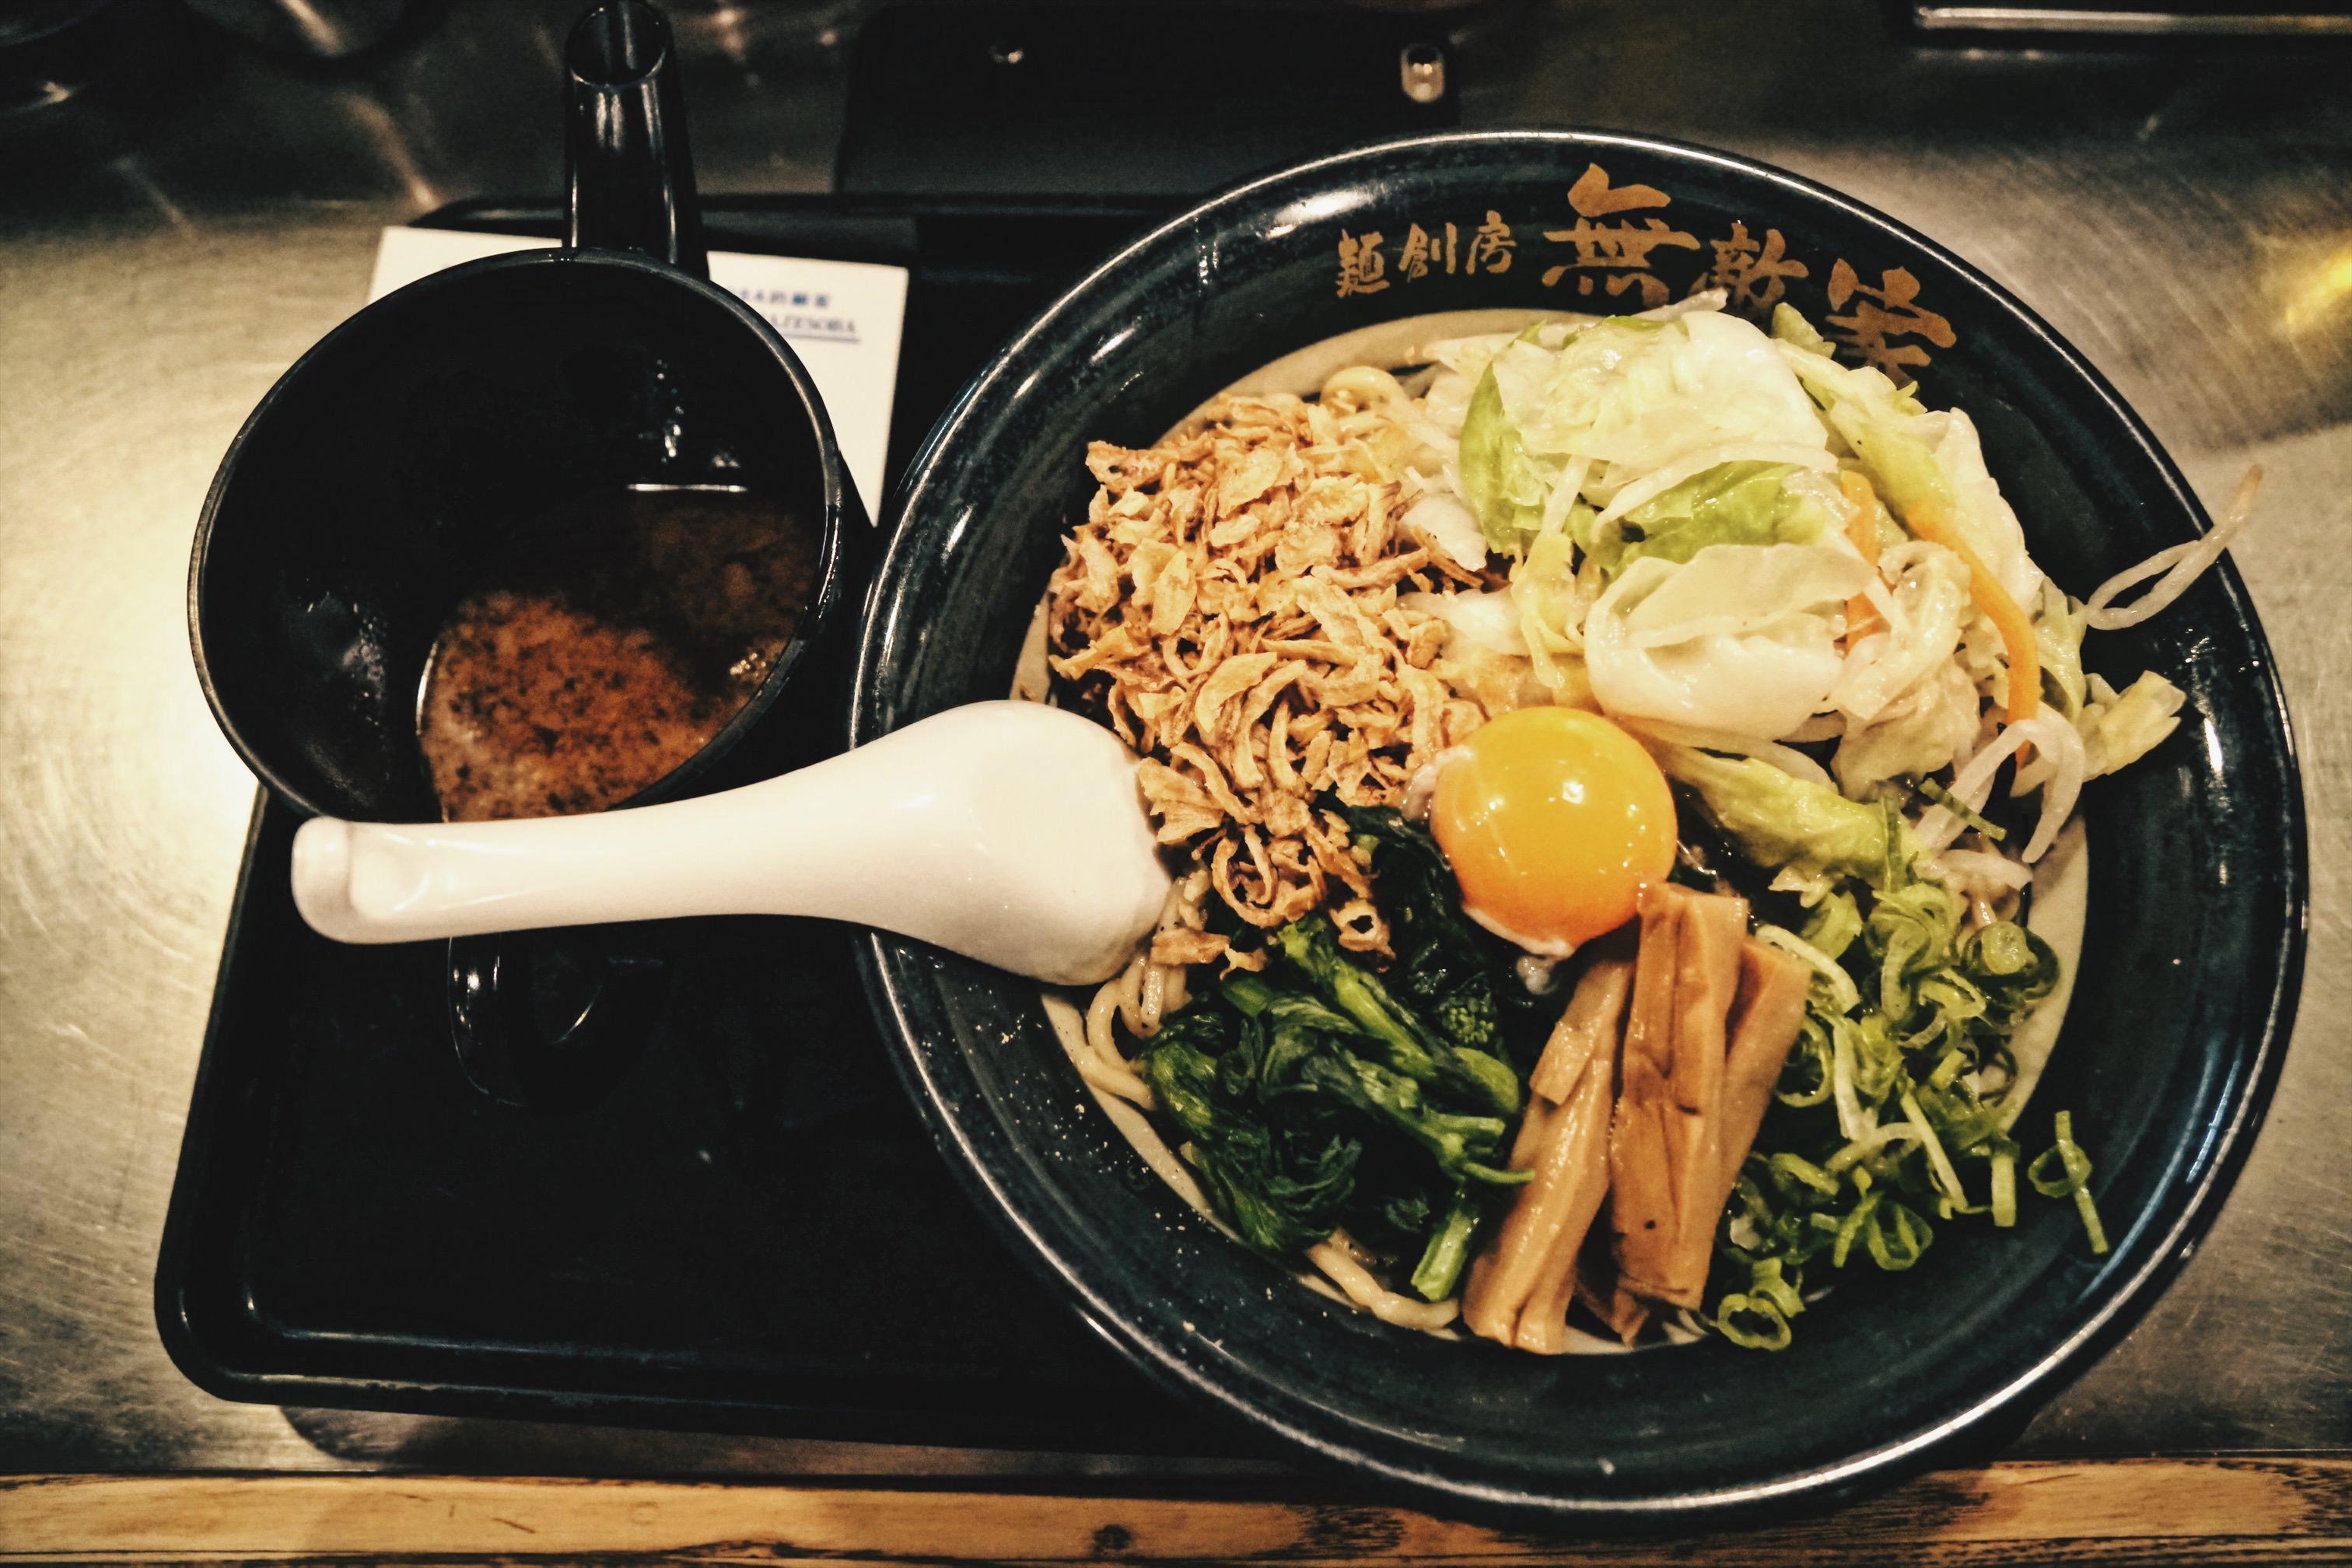 東京美食|人氣拉麵無敵家池袋店,入口即化的叉燒超好吃